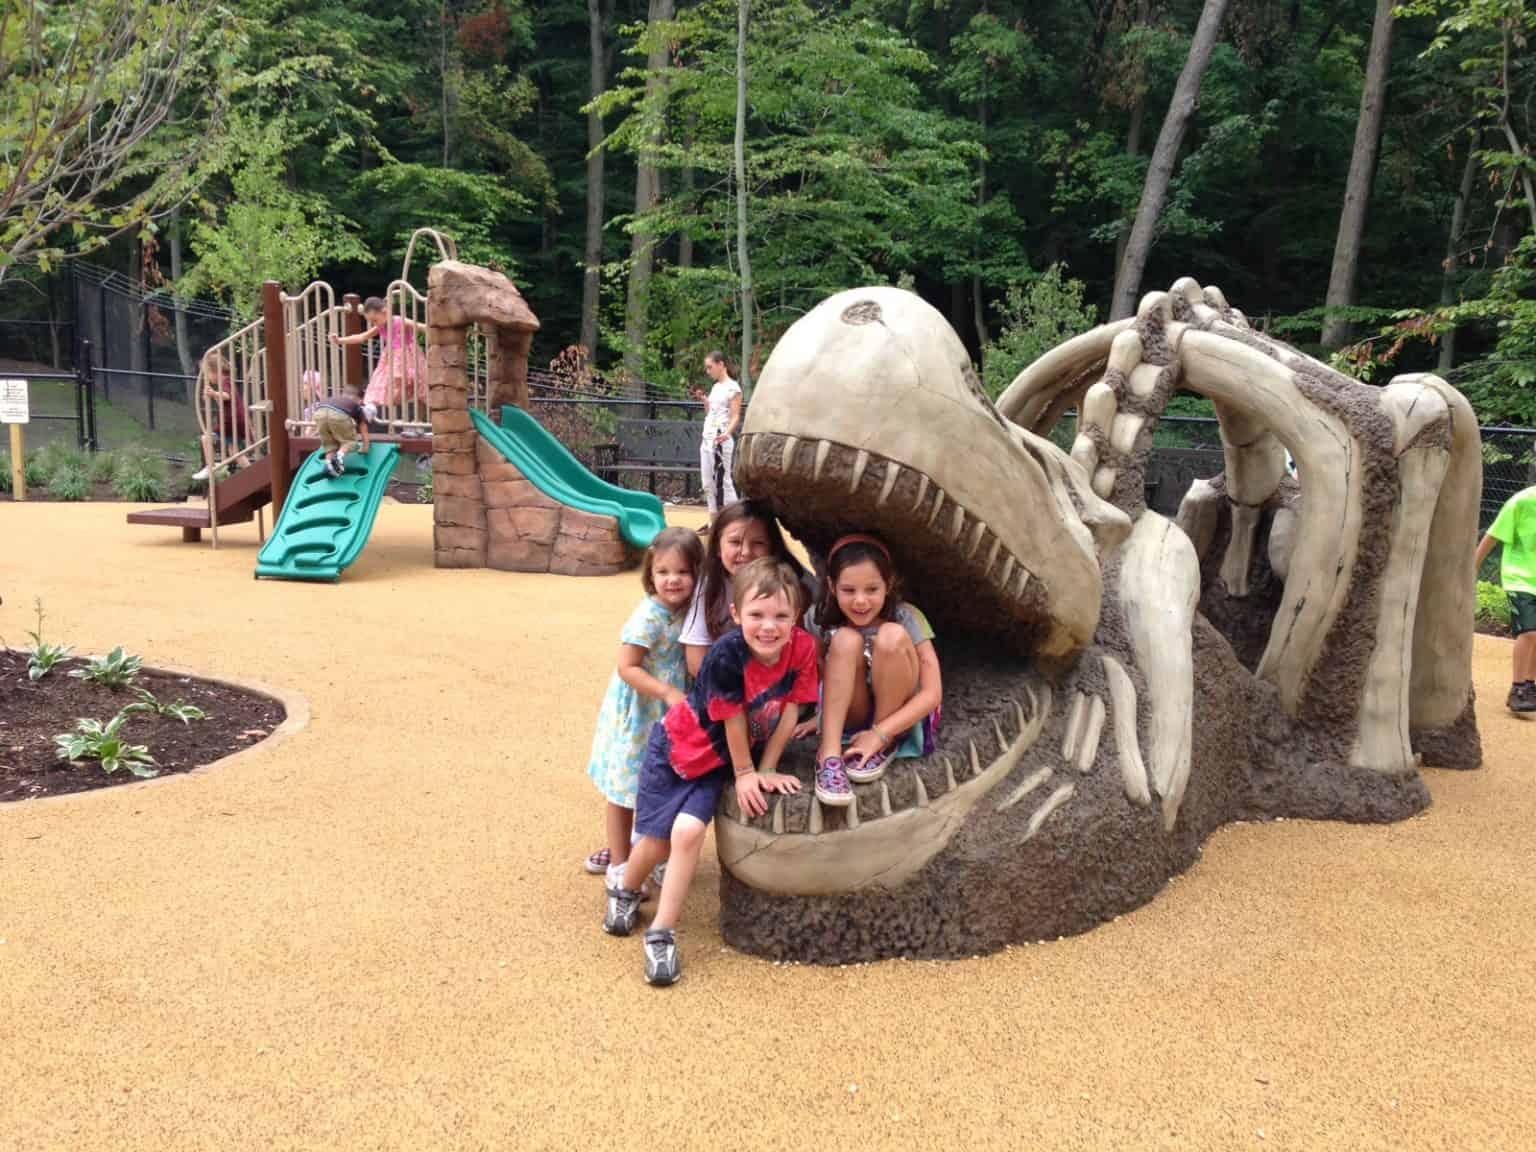 turtle-back-zoo-playground-west-orange-nj_11519175994_o-1-1536x1152